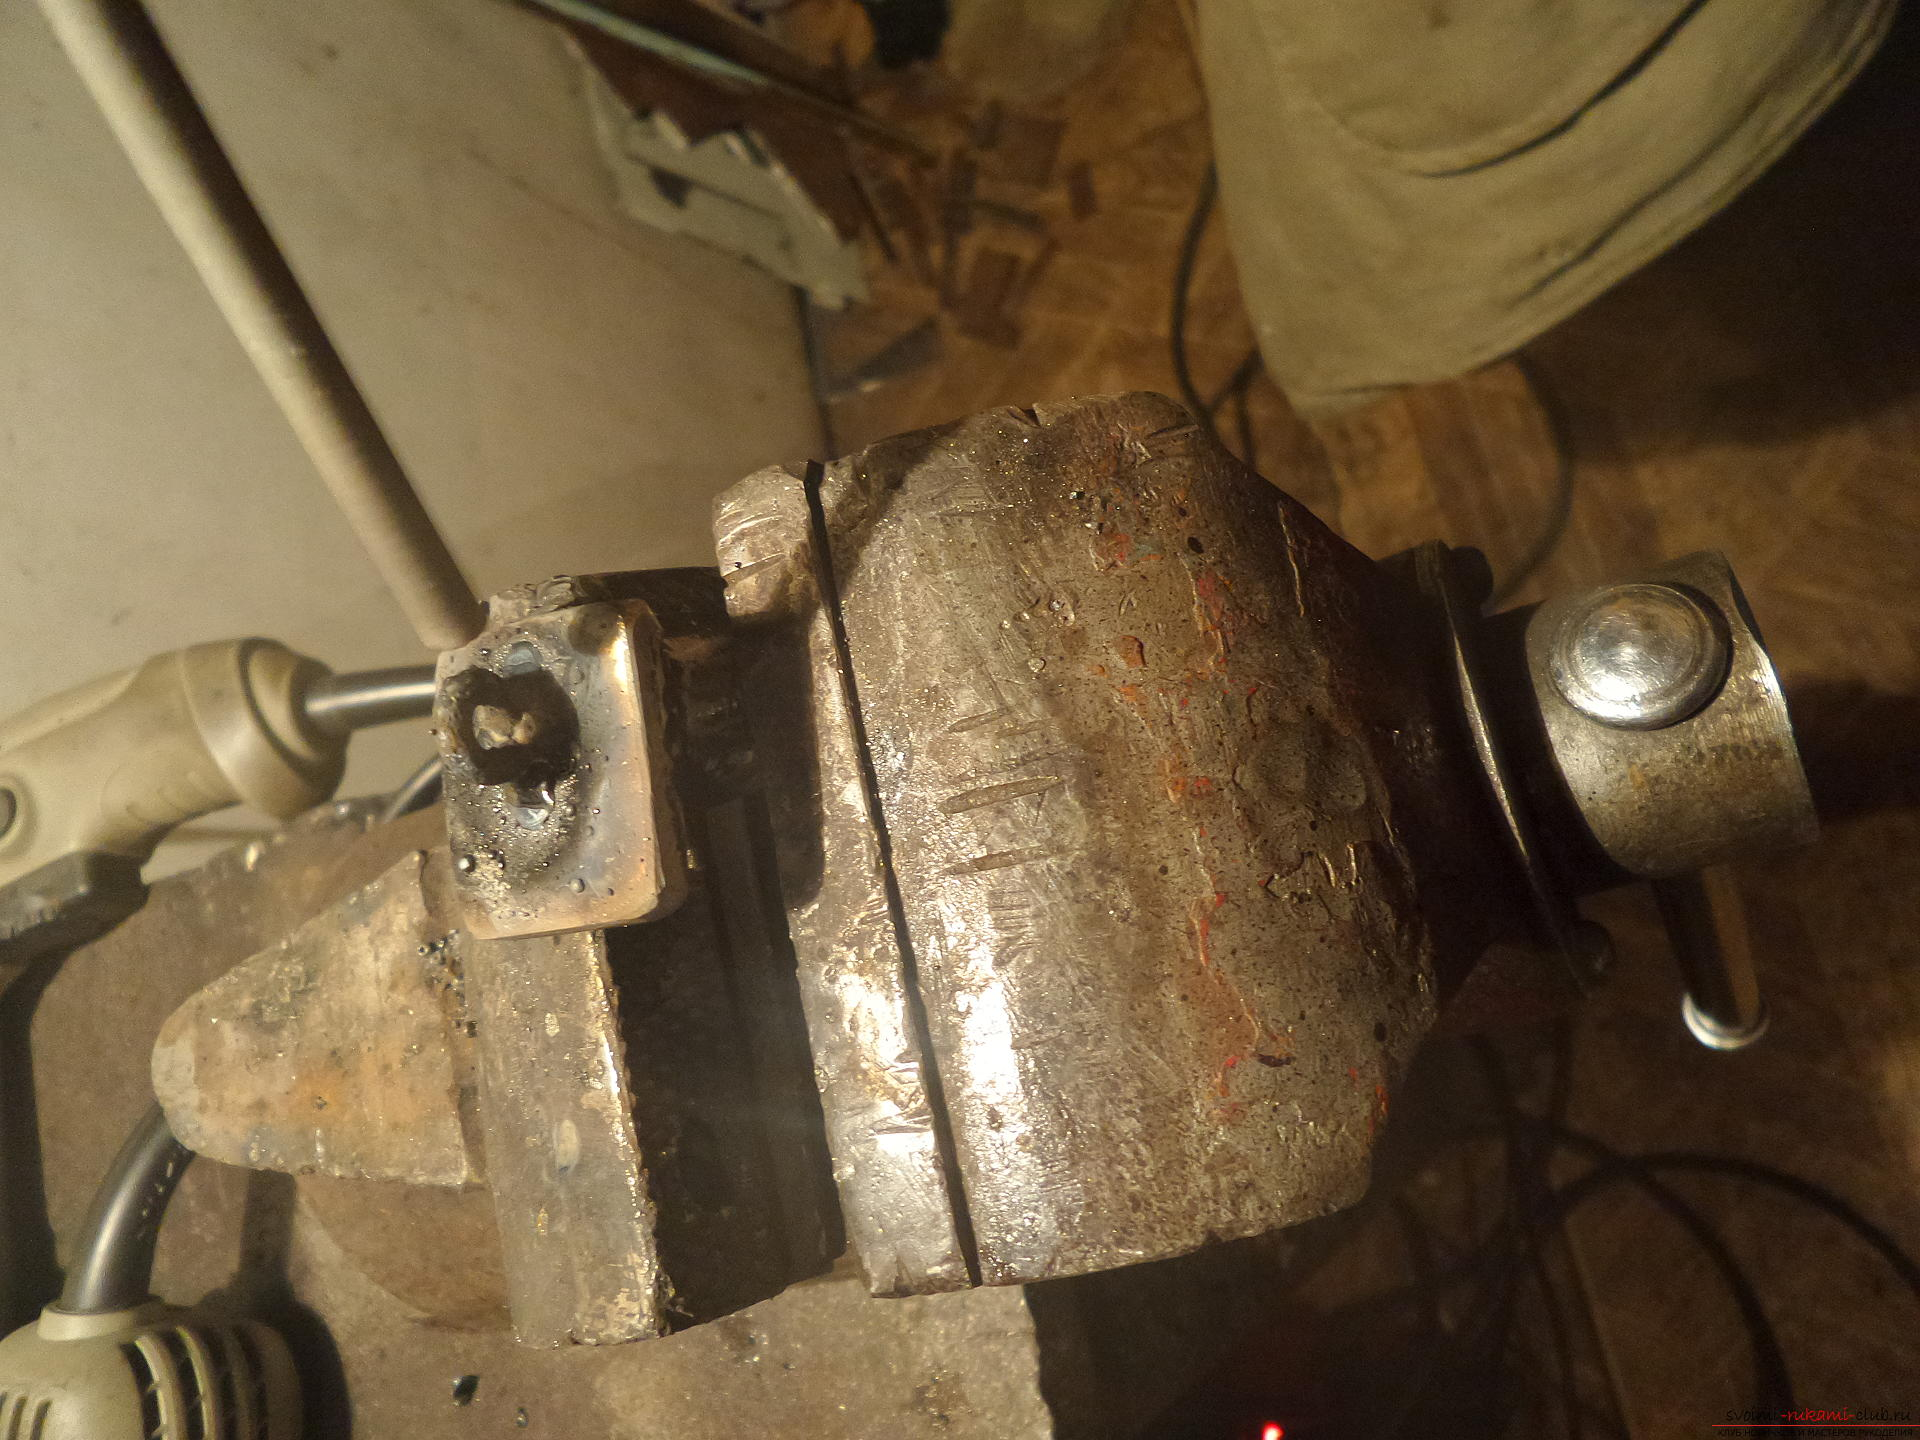 Этот мастер-класс научит как своими руками сделать необычный брелок для ключей - железный скворечник. Фото №27